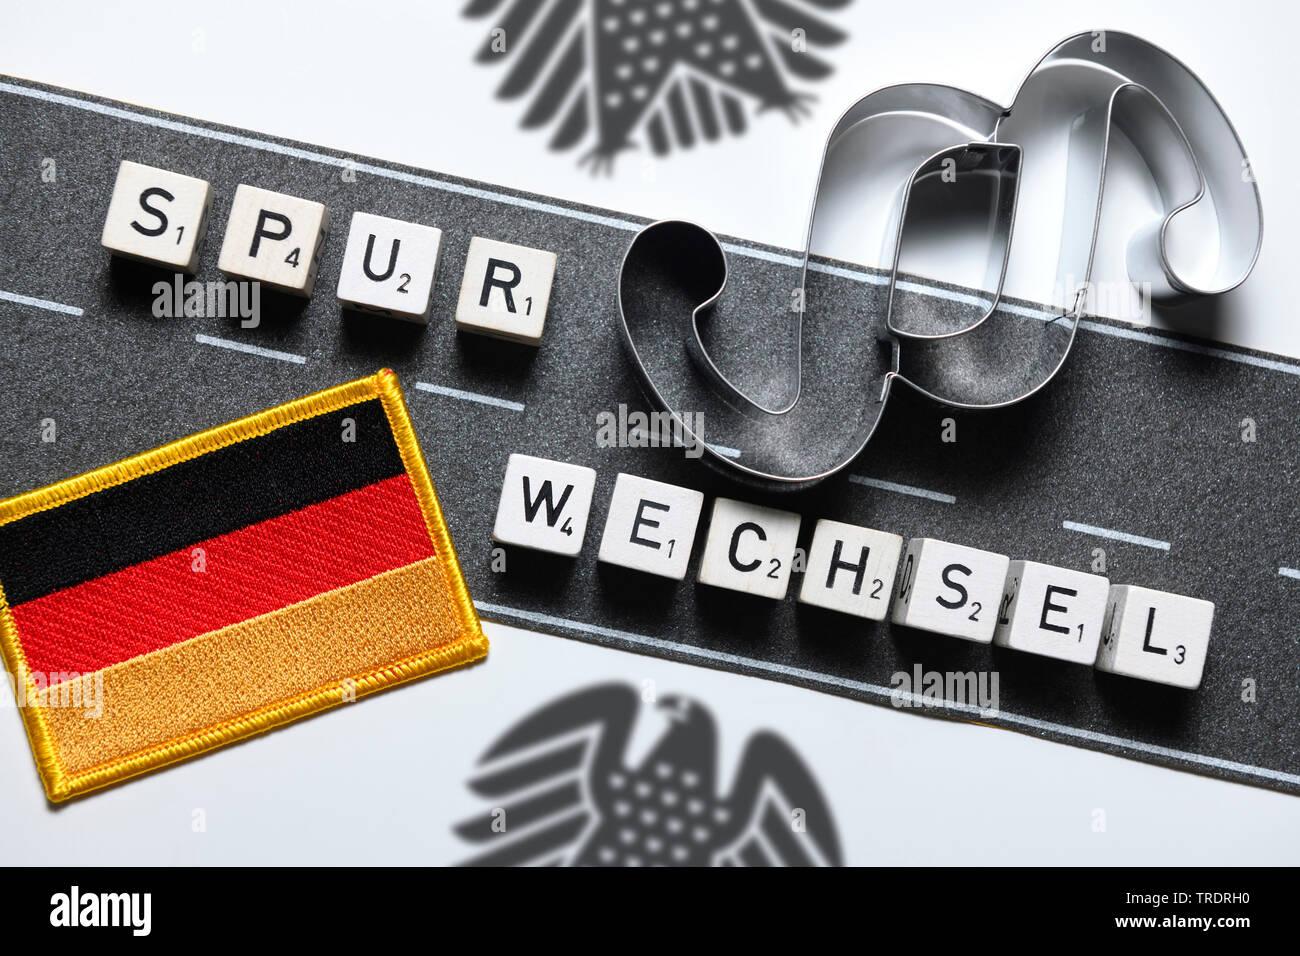 das Wort Spurwechsel gelegt mit Wuerfel, Asylpolitik, Deutschland | lane change, Spurwechsel, asyl, Germany | BLWS509472.jpg [ (c) blickwinkel/McPHOTO - Stock Image